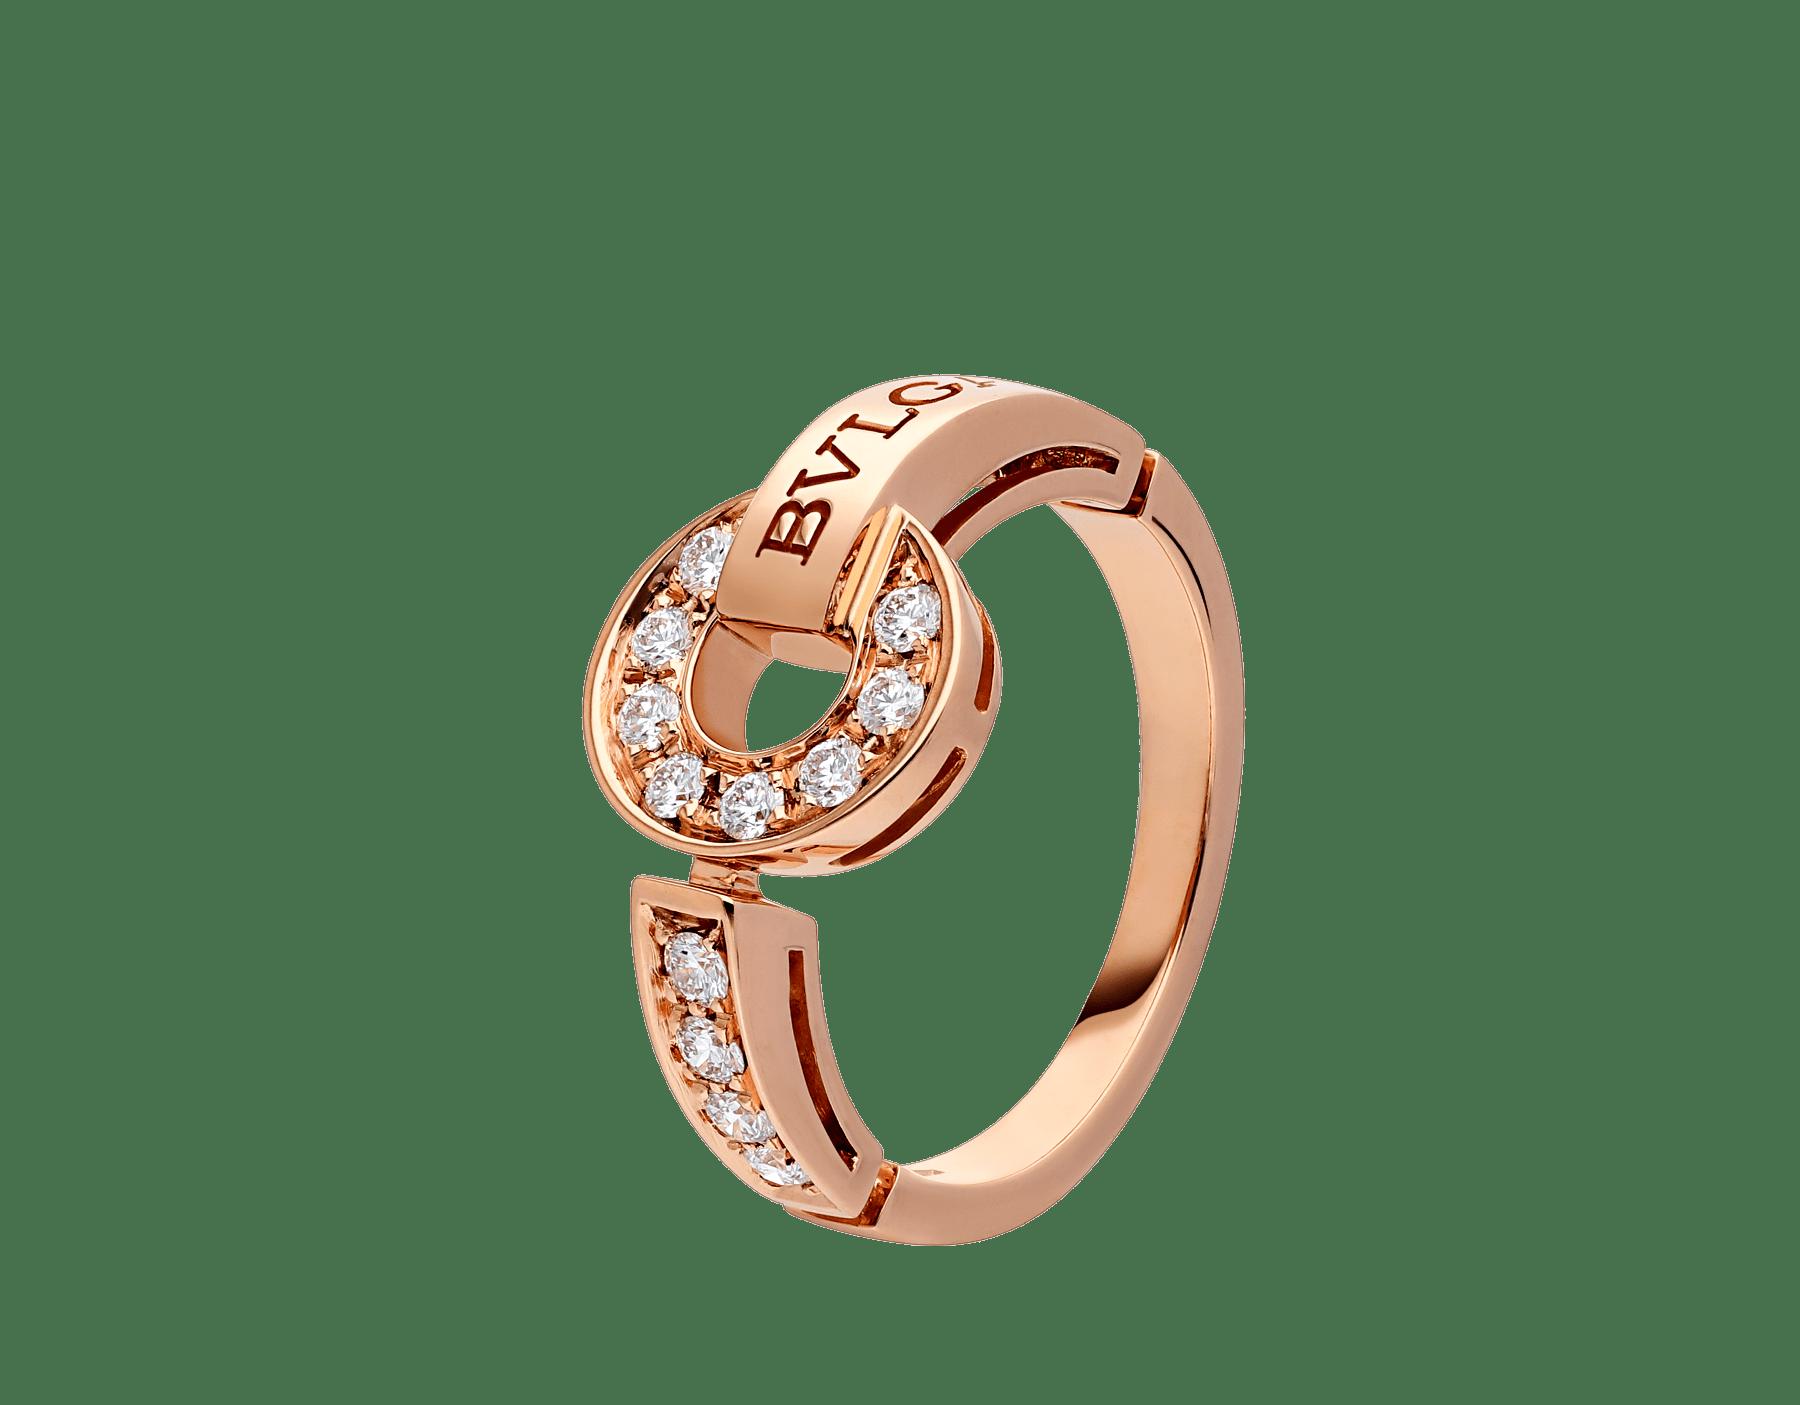 خاتم بولغري بولغري من الذهب الوردي عيار 18 قيراطاً، مرصع بالألماس المرصوف AN855854 image 1